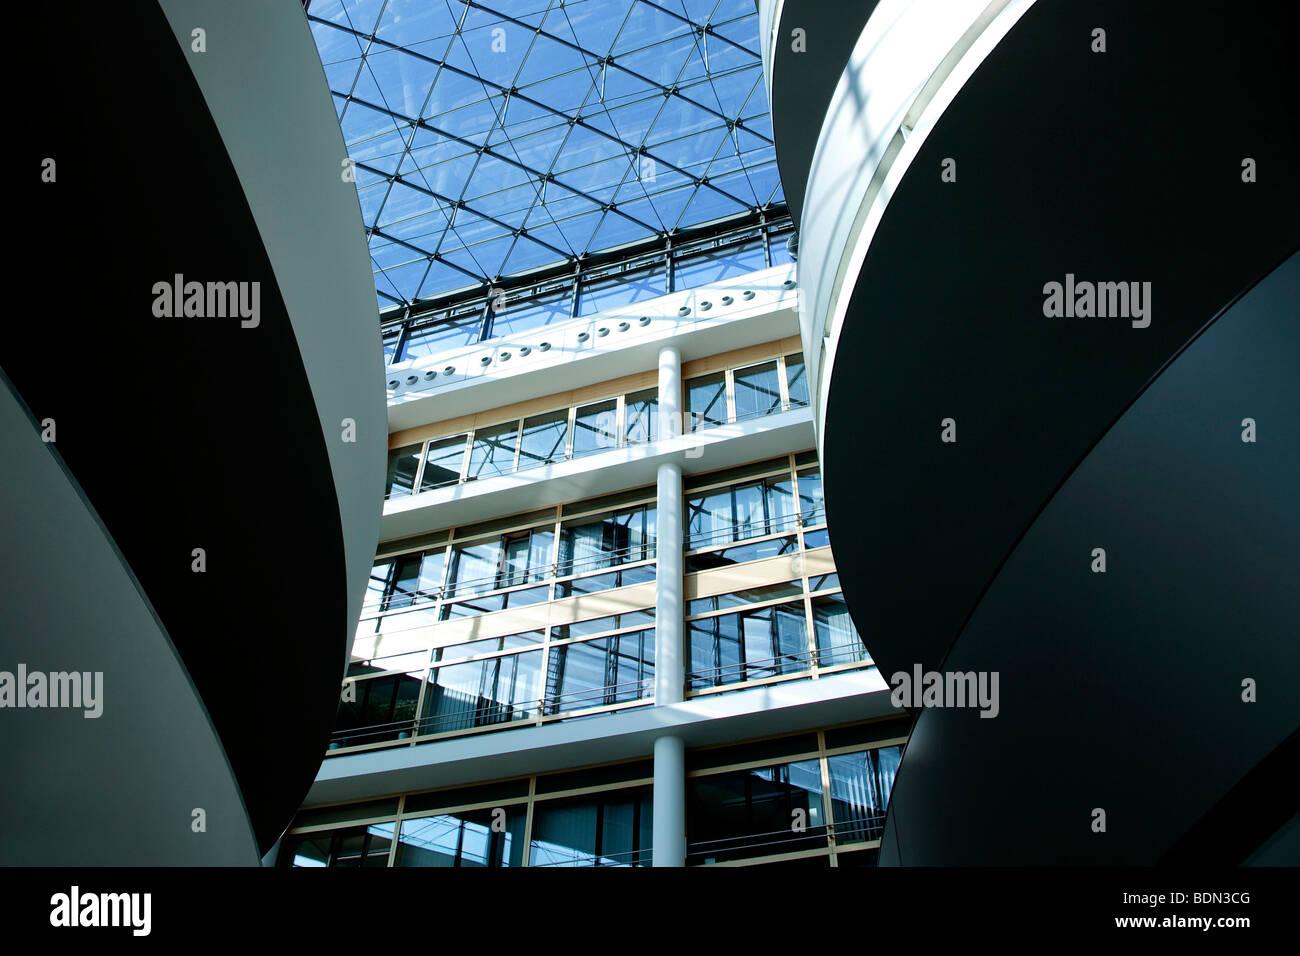 L'intérieur, hall, l'atrium, siège de l'entreprise pharmaceutique Boehringer Ingelheim GmbH, Photo Stock